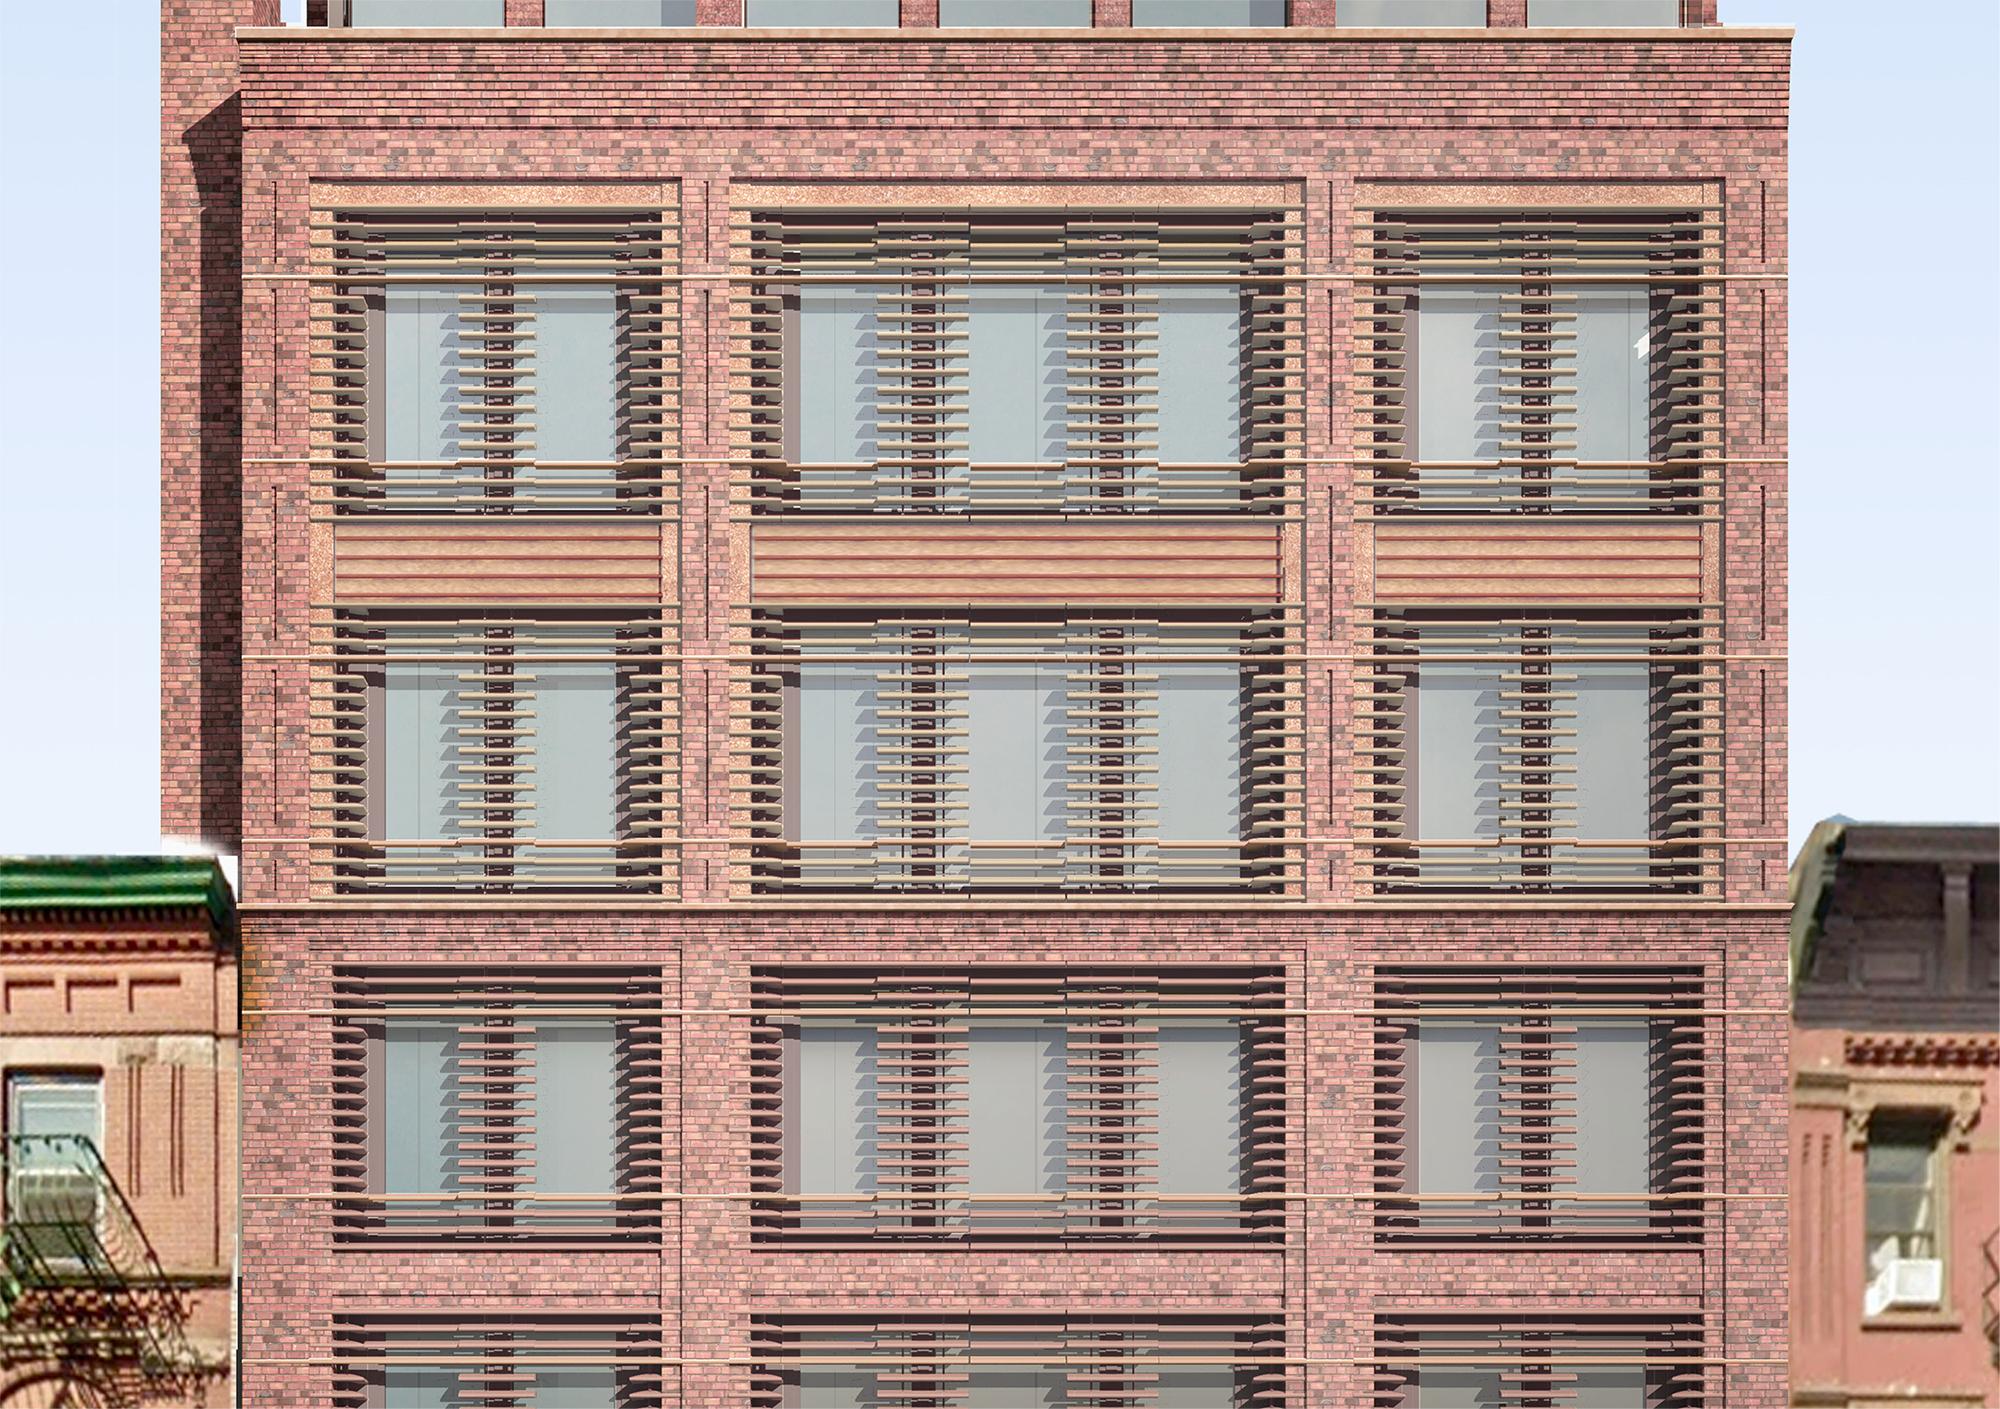 Rendering of upper residential floors of 466-468 Columbus Avenue